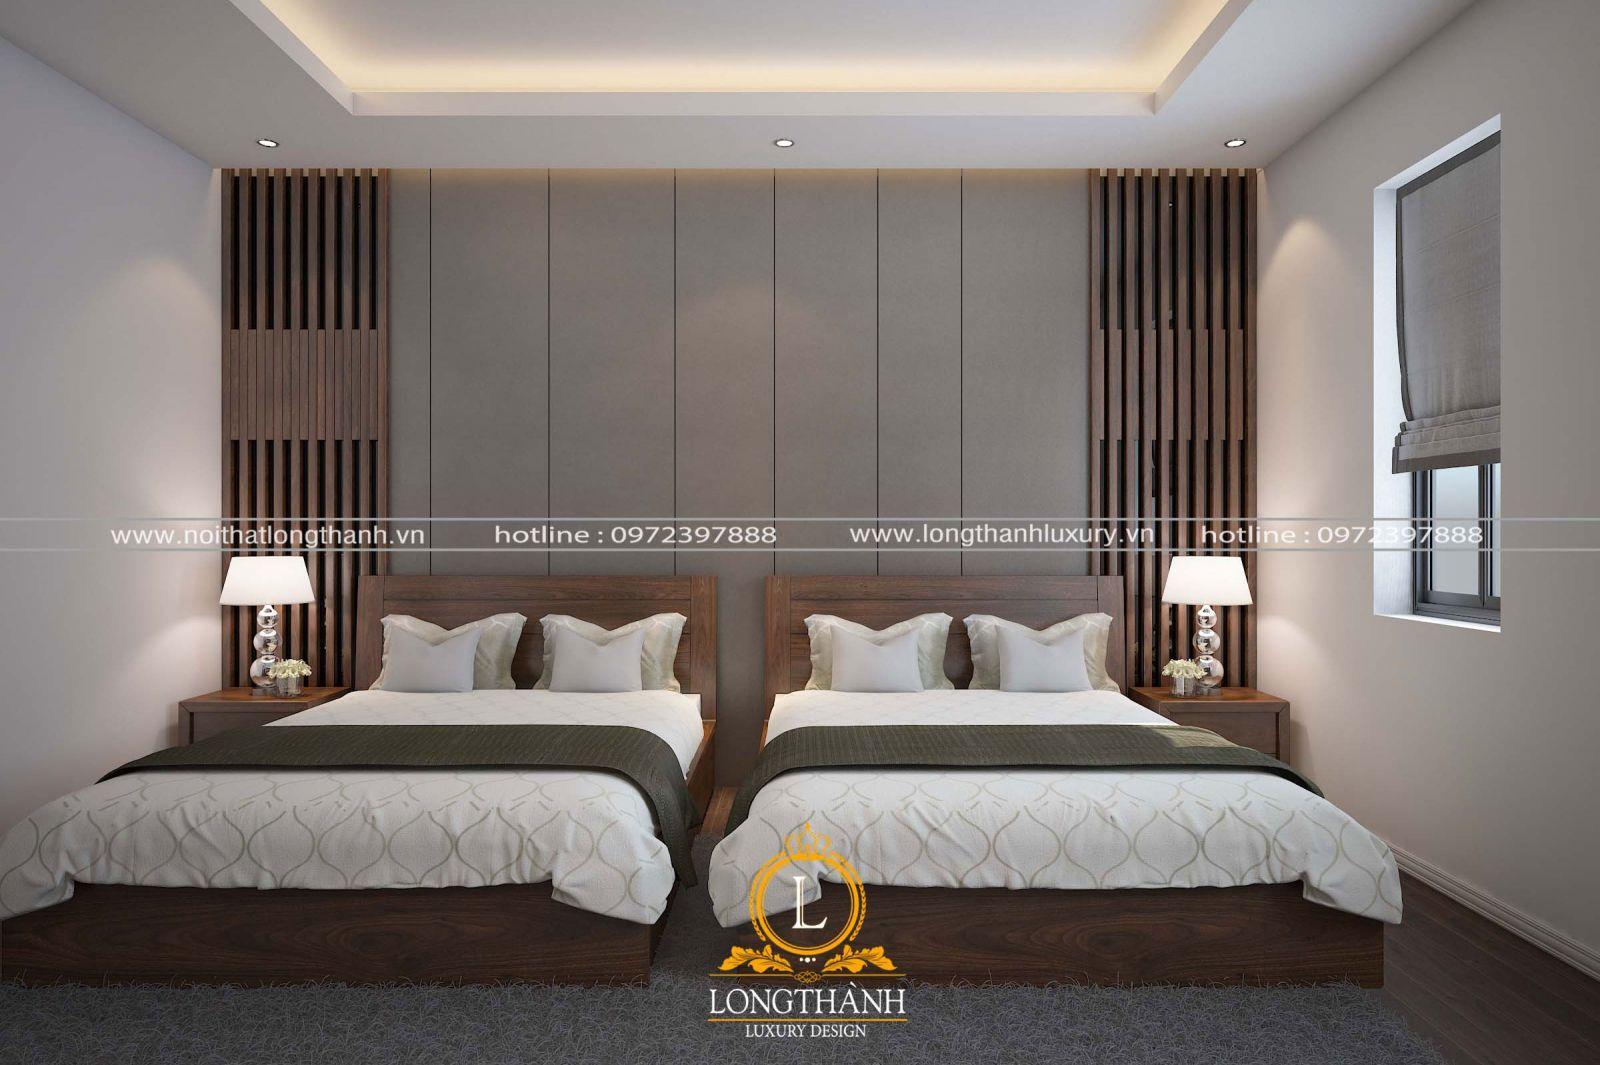 Phòng ngủ đôi cao cấp cho không gian khiêm tốn